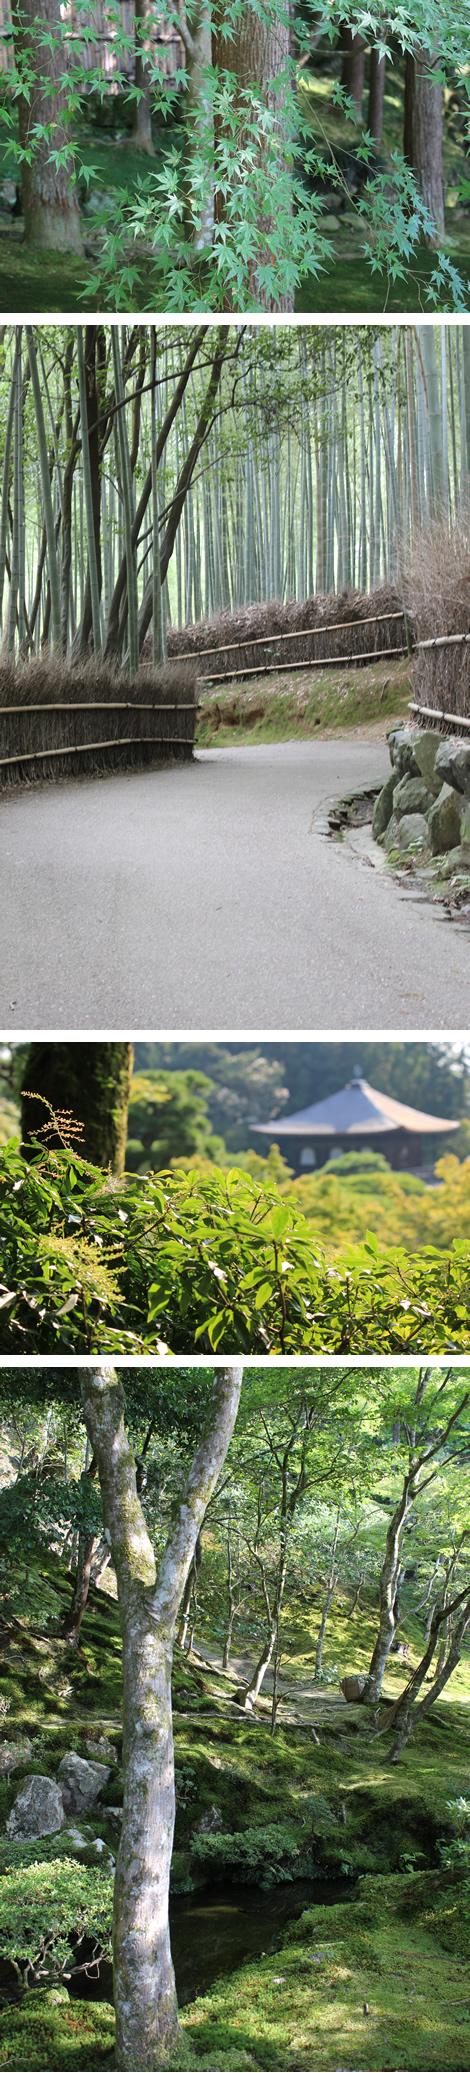 2011_nature_kyoto